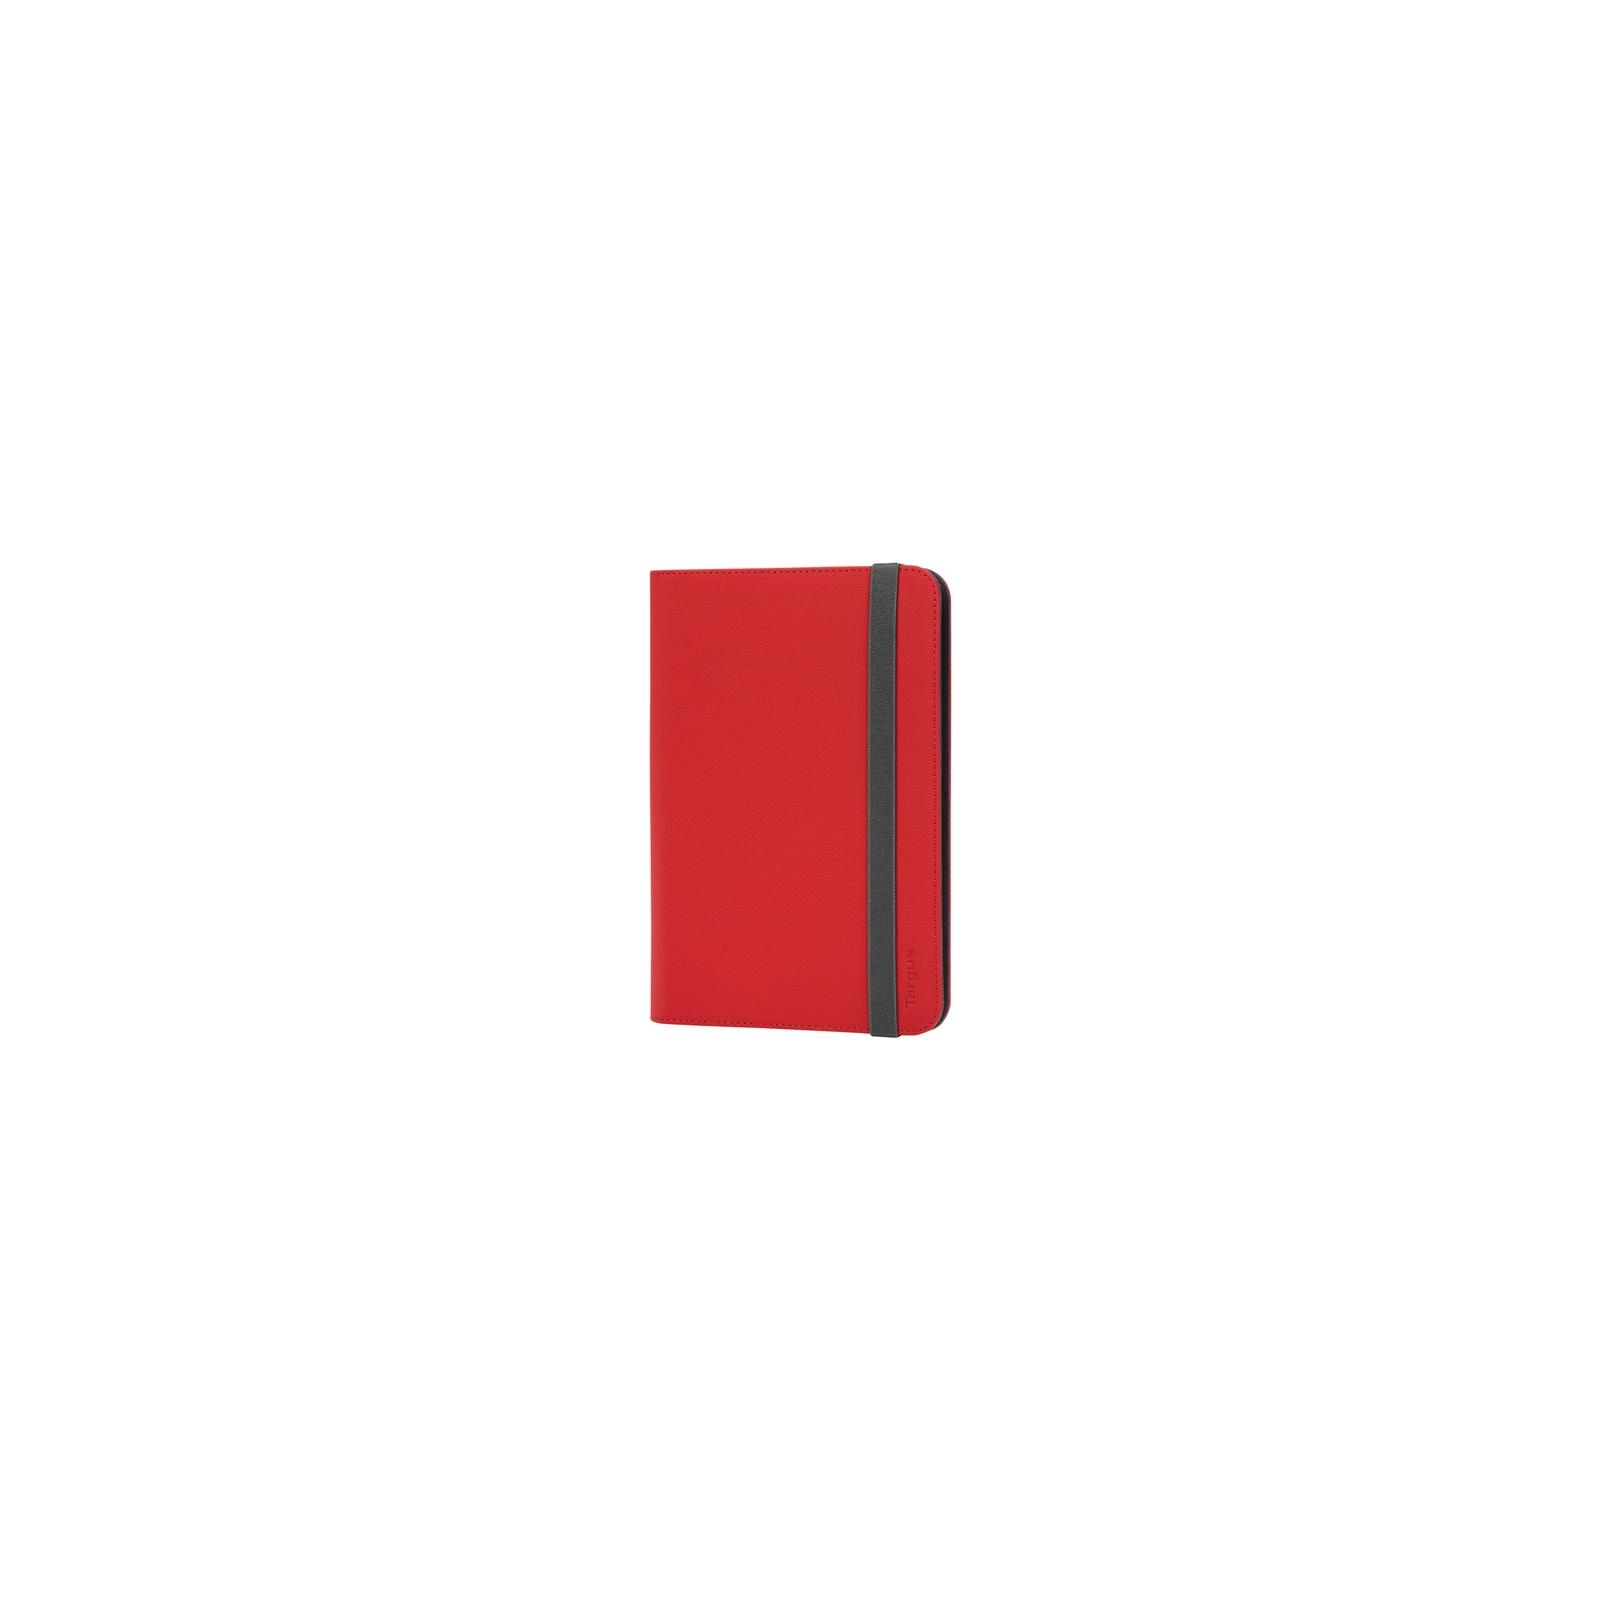 """Чехол для планшета Targus 9-10"""" Universal RED book (THZ33901EU) изображение 4"""